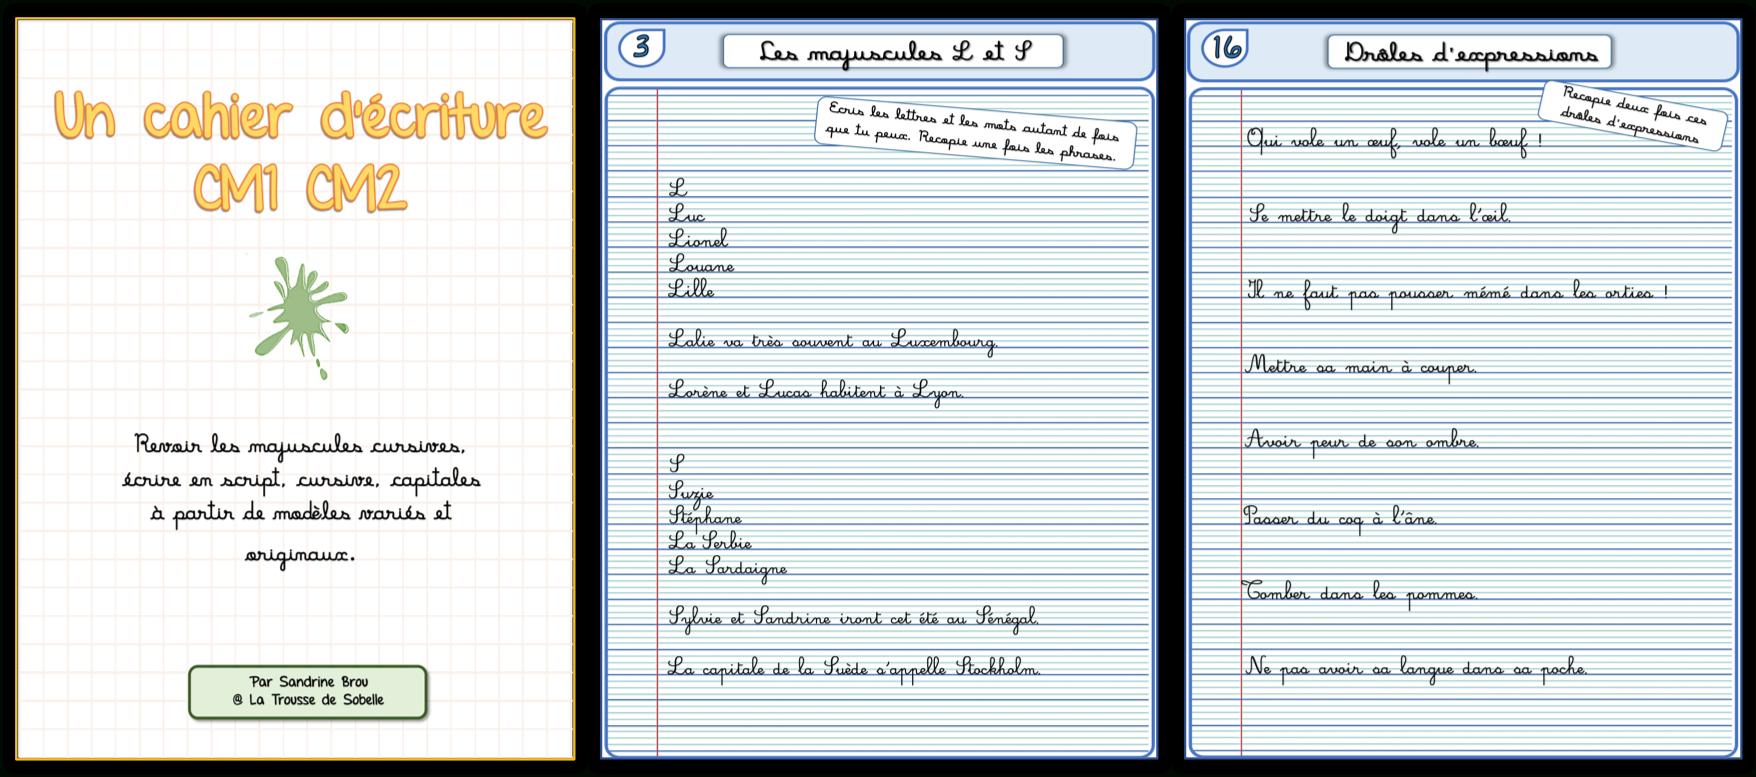 Un Cahier D'écriture Cm1 Cm2, Fiches À Photocopier – La dedans Exercice Cm1 Gratuit